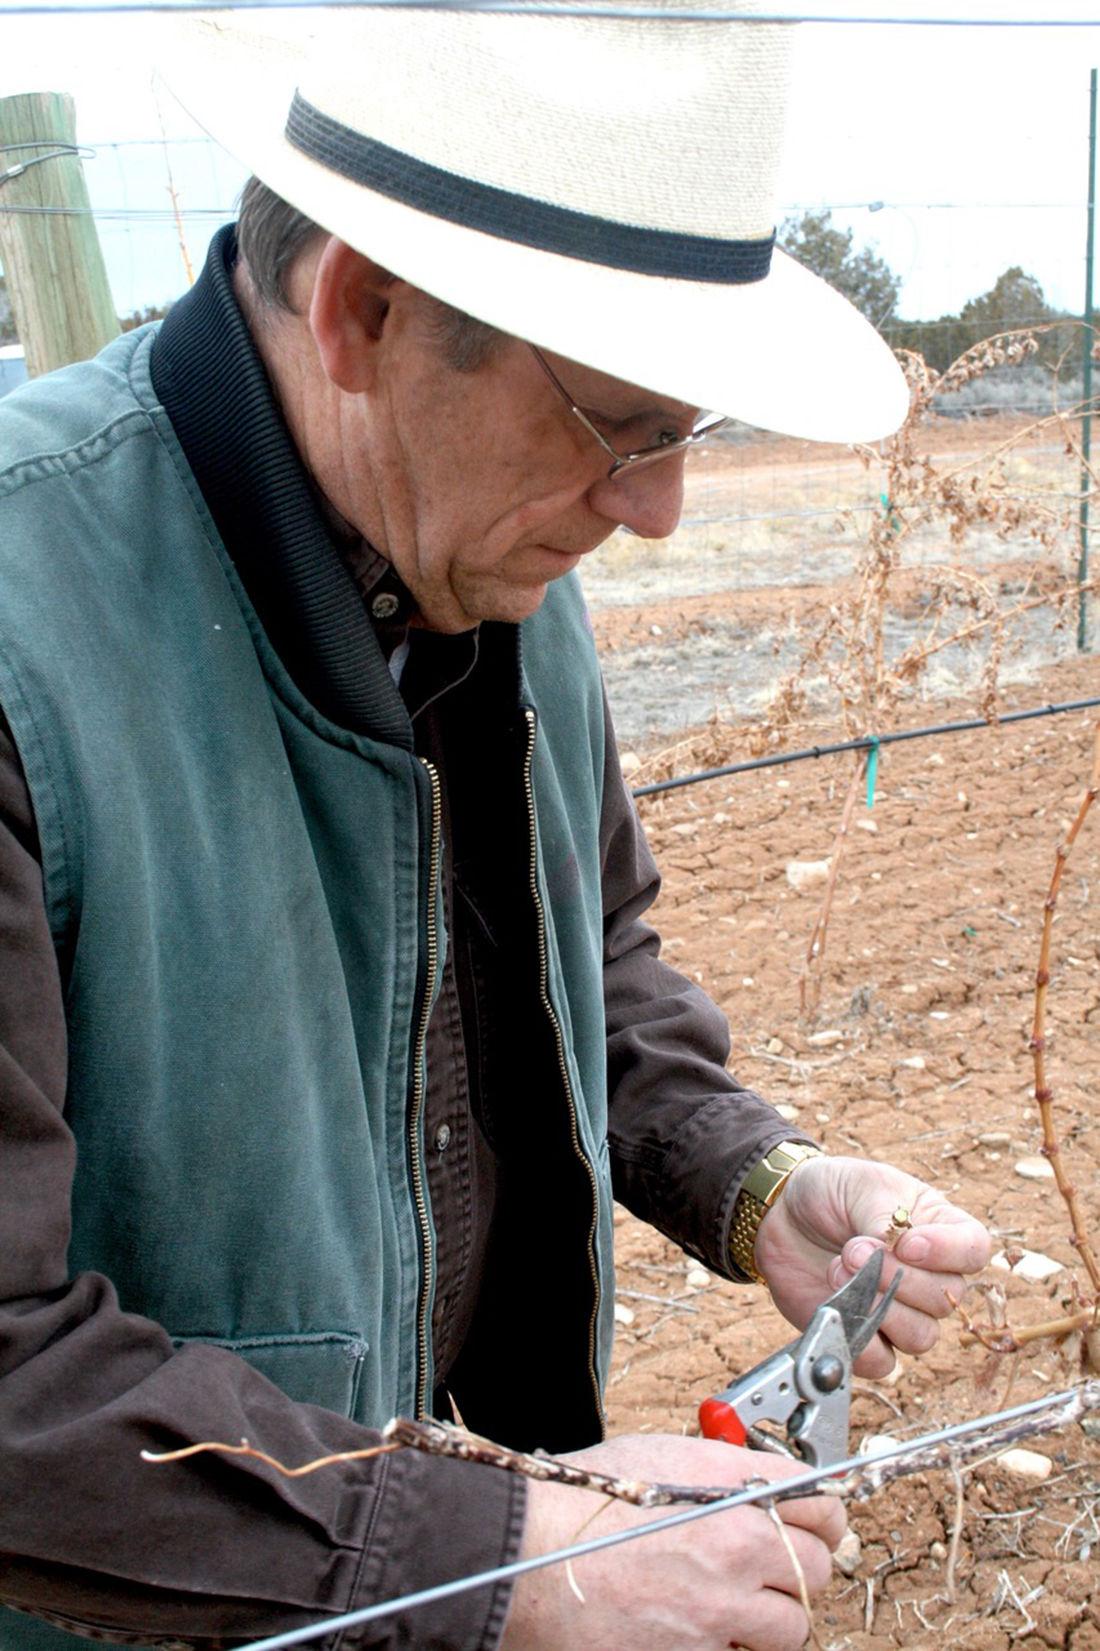 Sleepy Vines: Winemakers keep an eye out for bud break